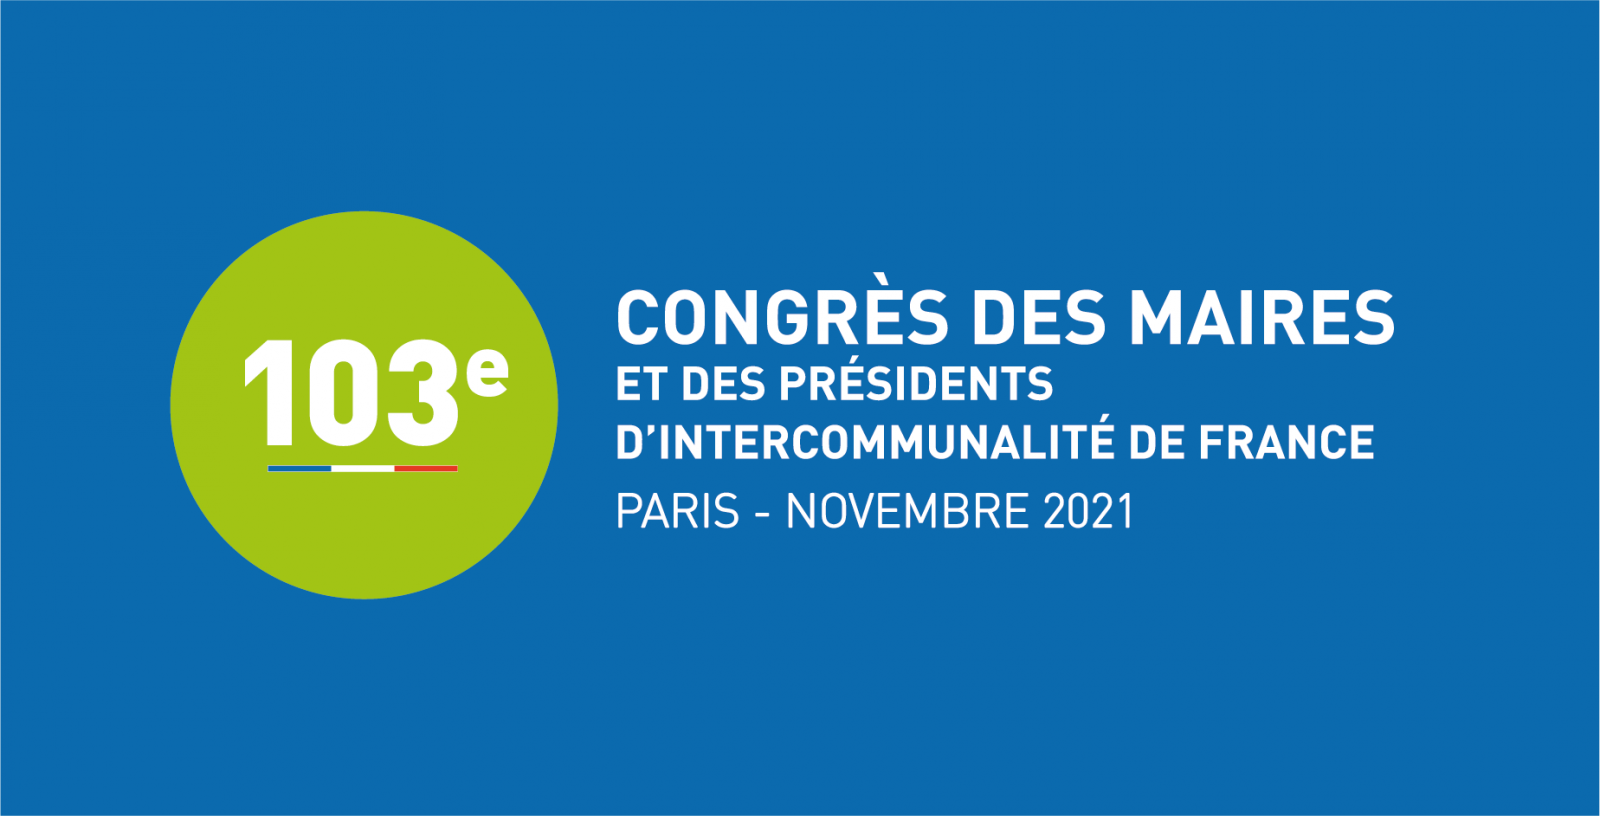 103ème Congrès des Maires et des Présidents d'intercommunalité de France